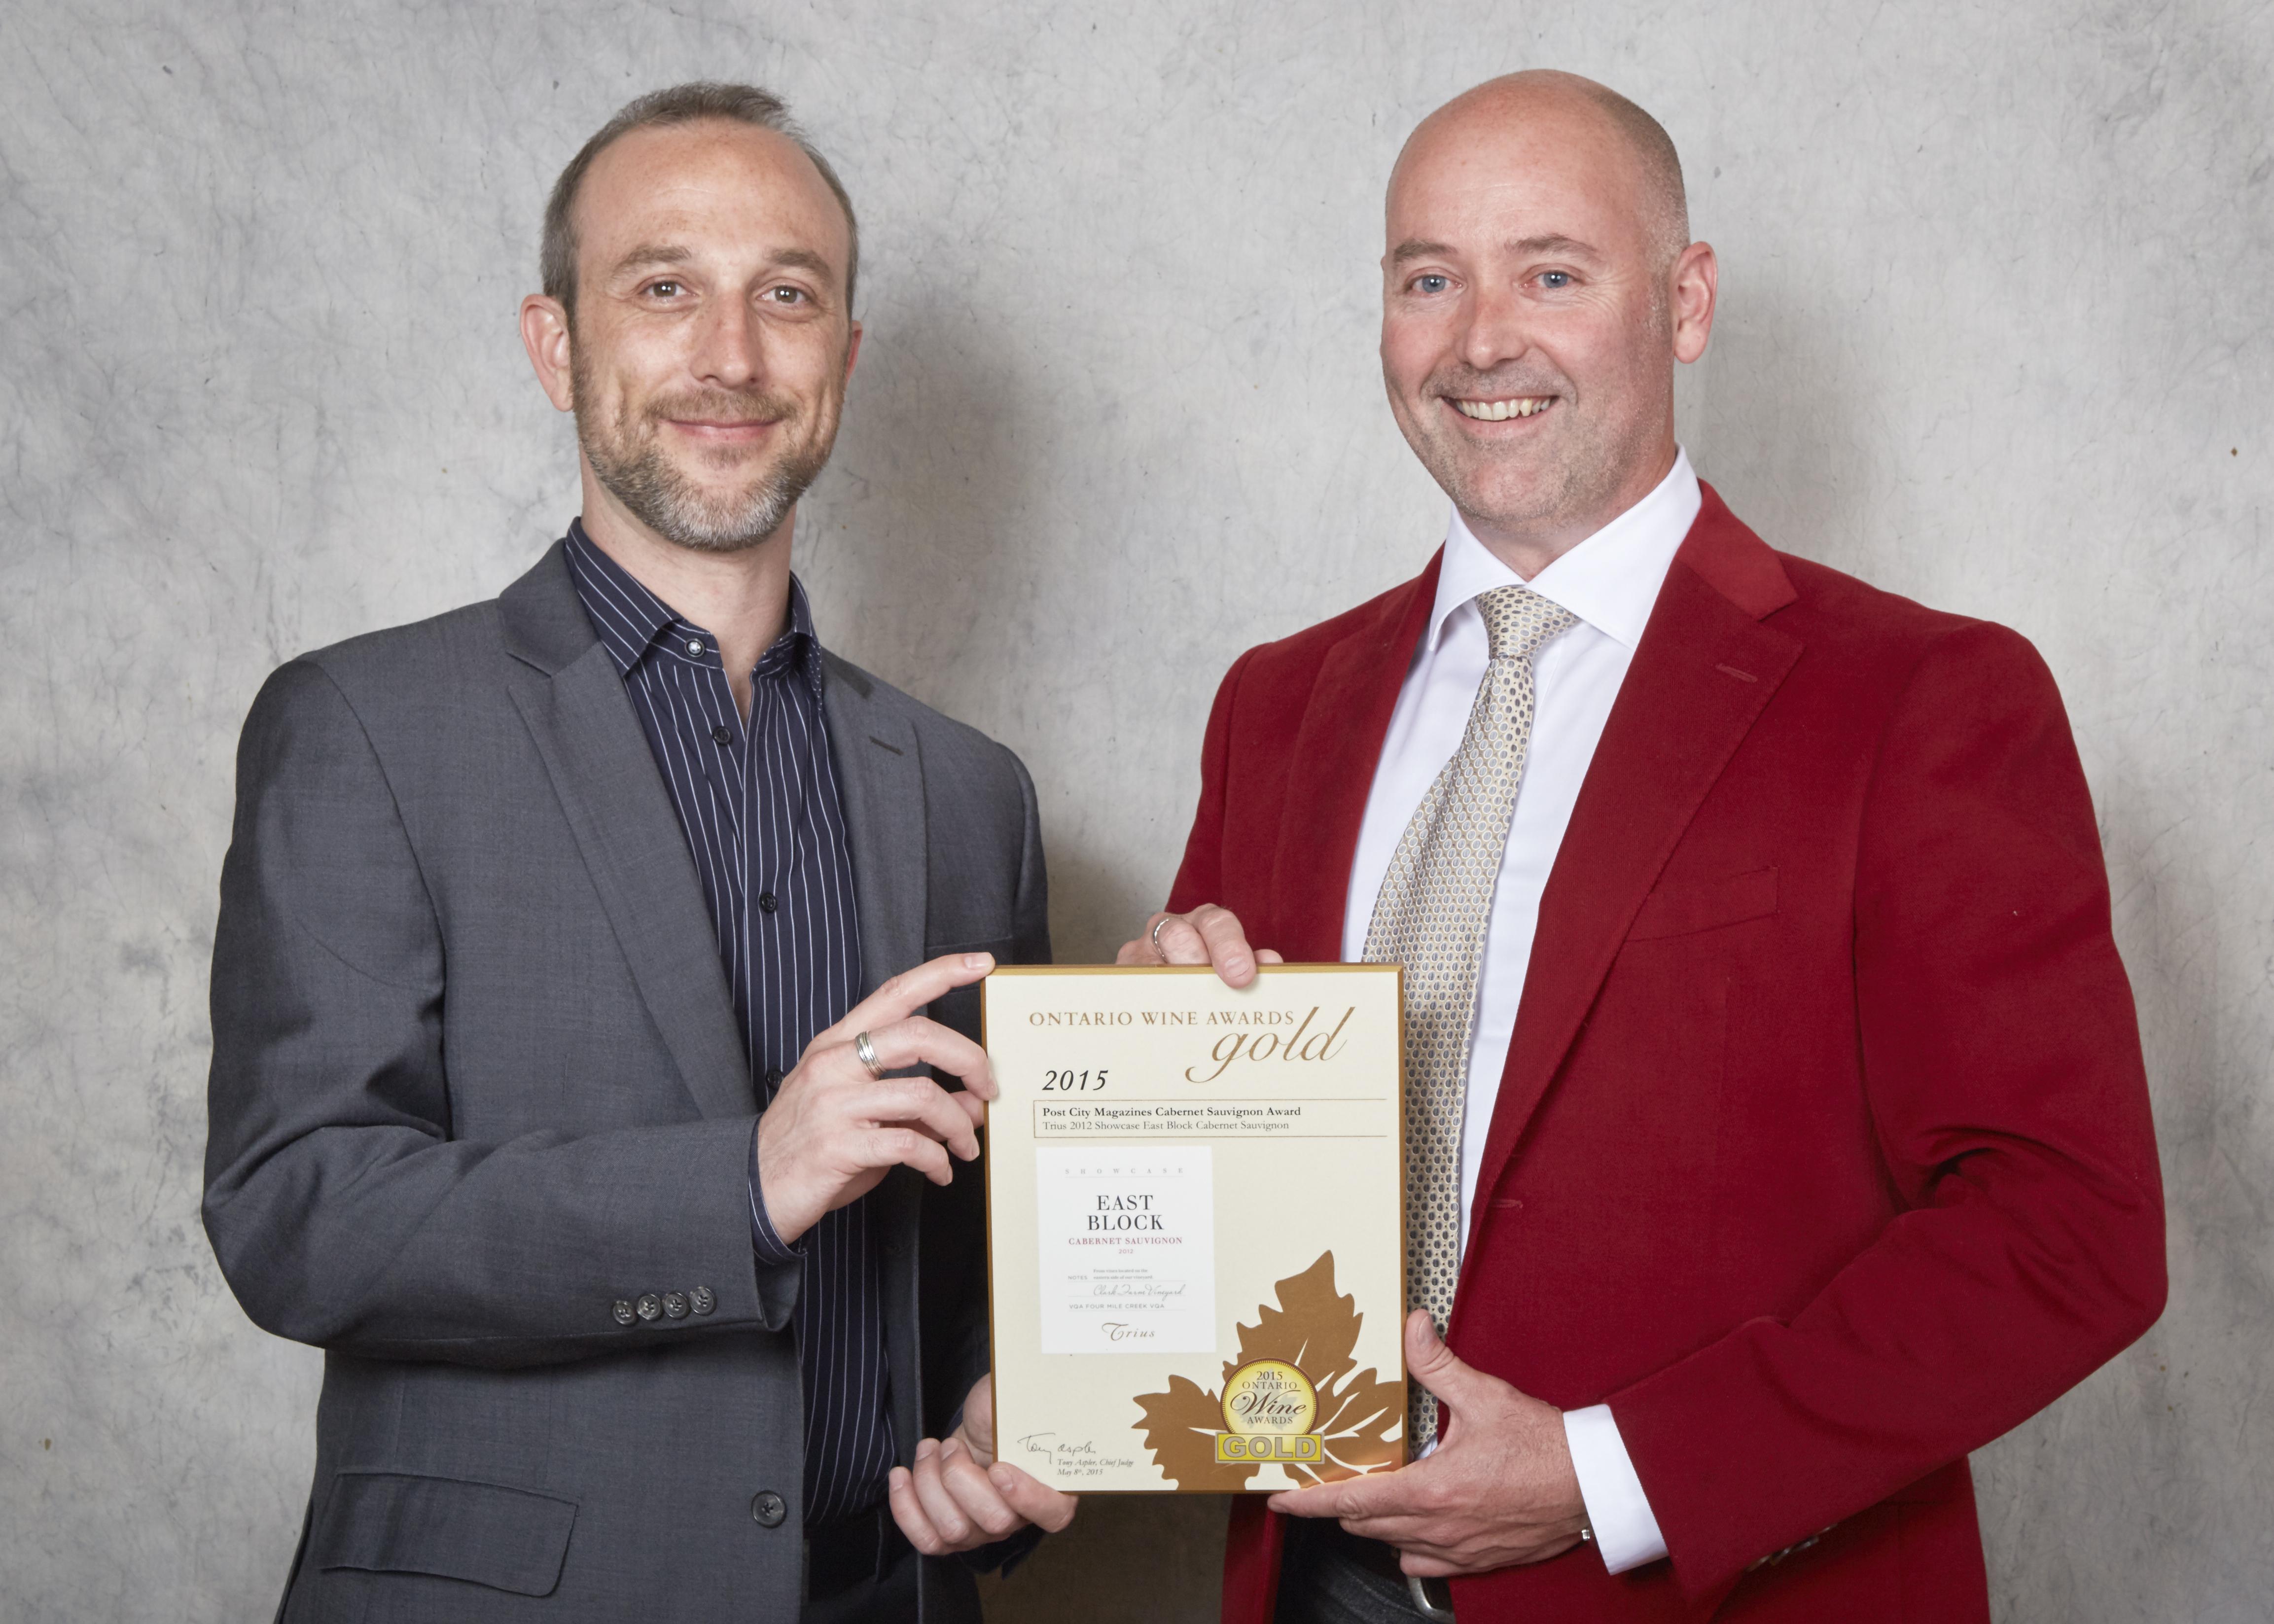 Cabernet Sauvignon Award: